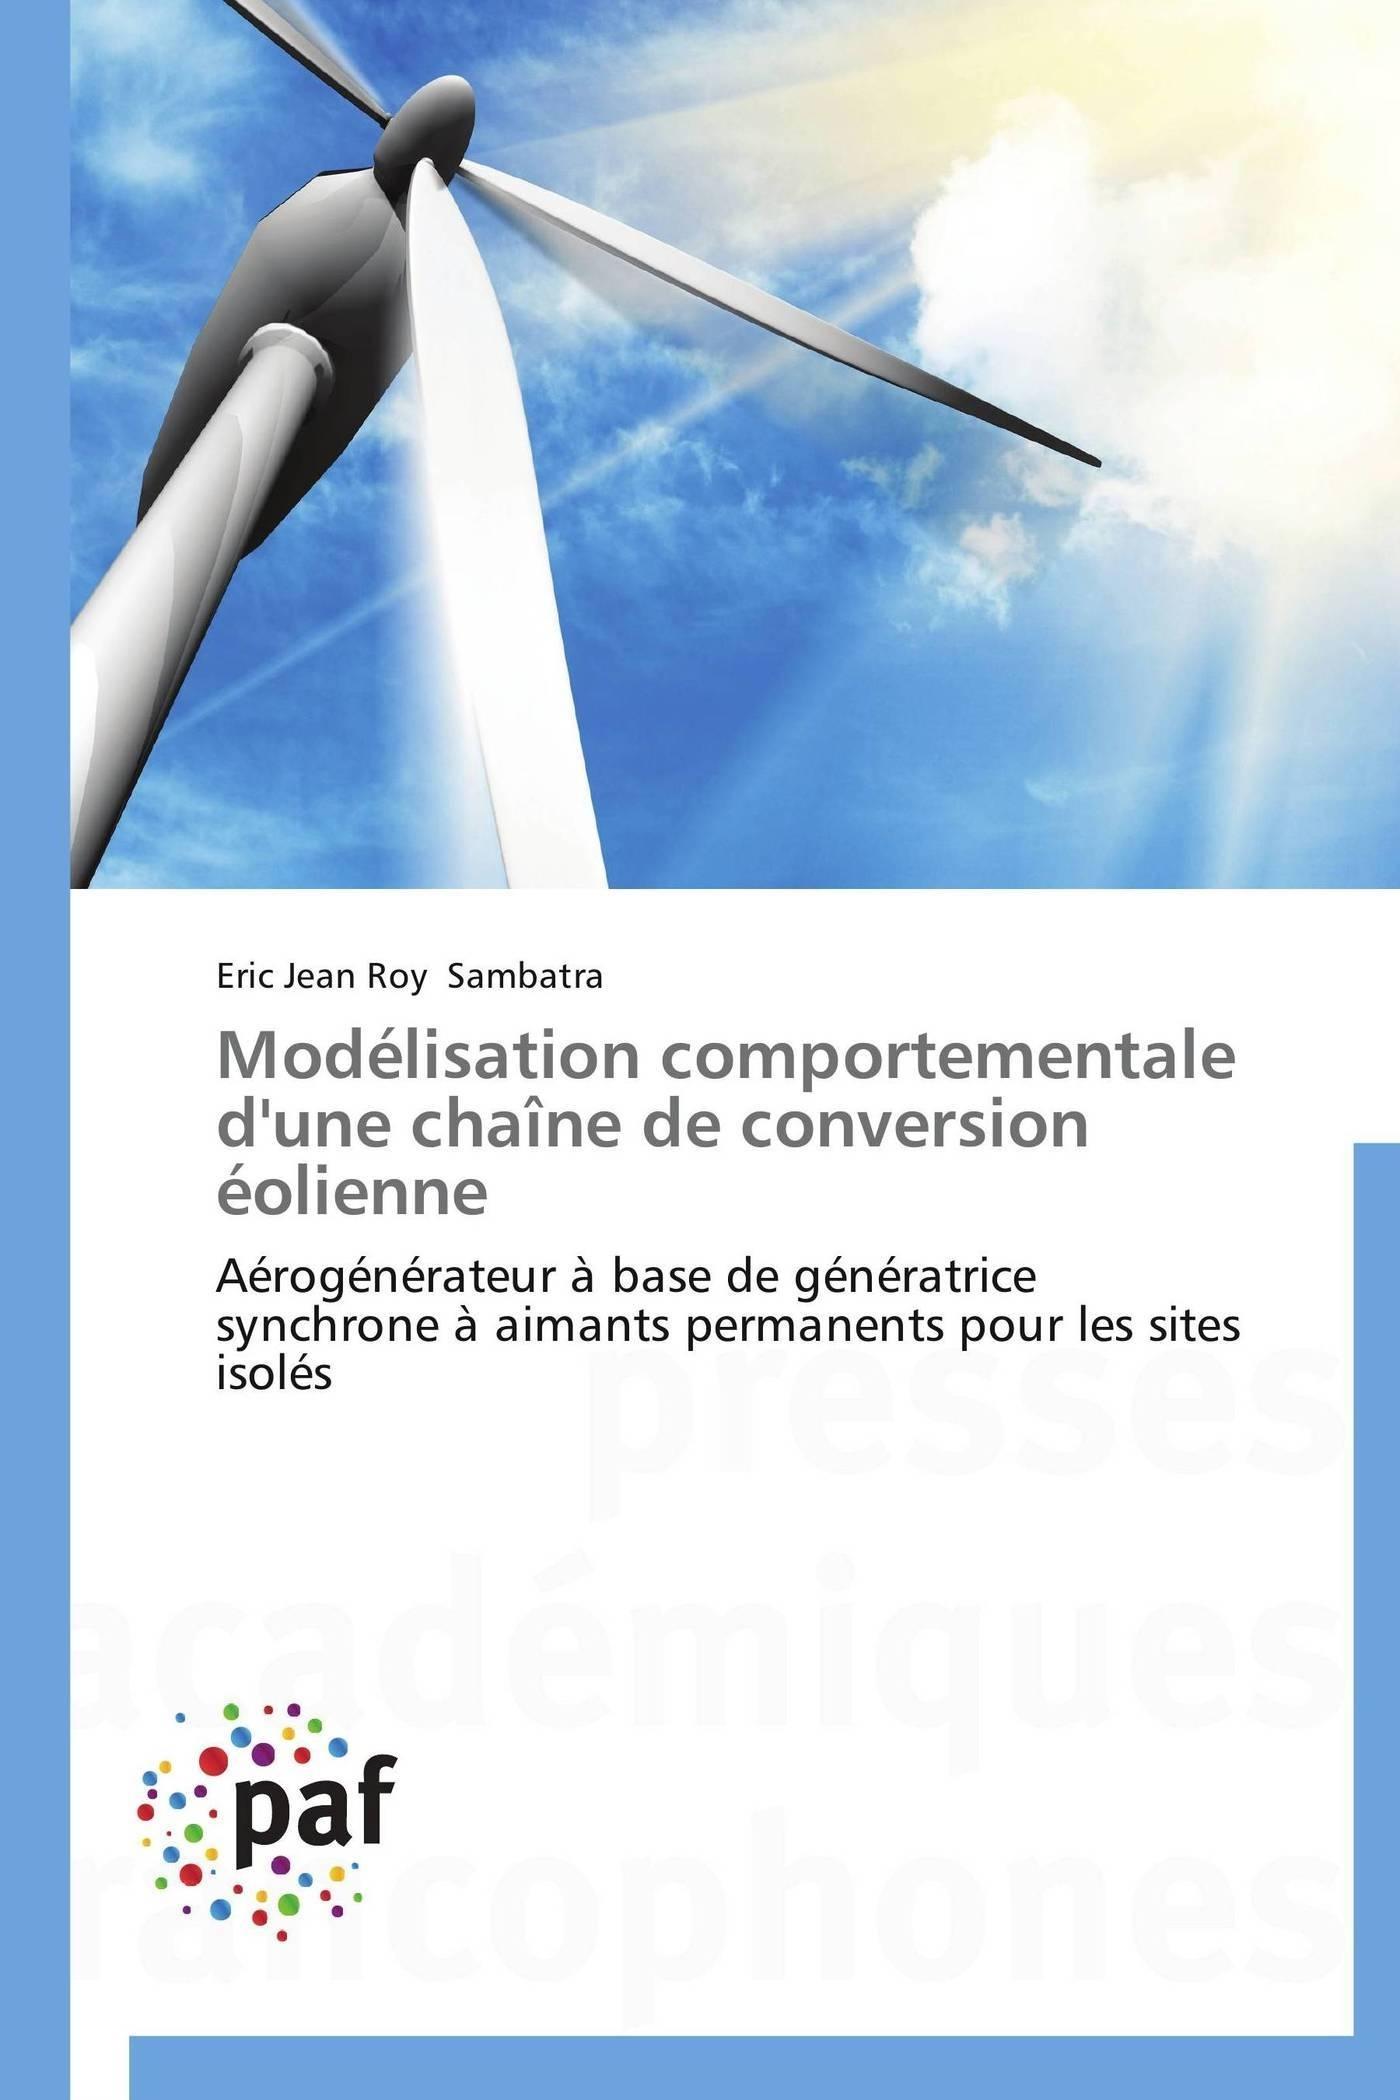 MODELISATION COMPORTEMENTALE D'UNE CHAINE DE CONVERSION EOLIENNE